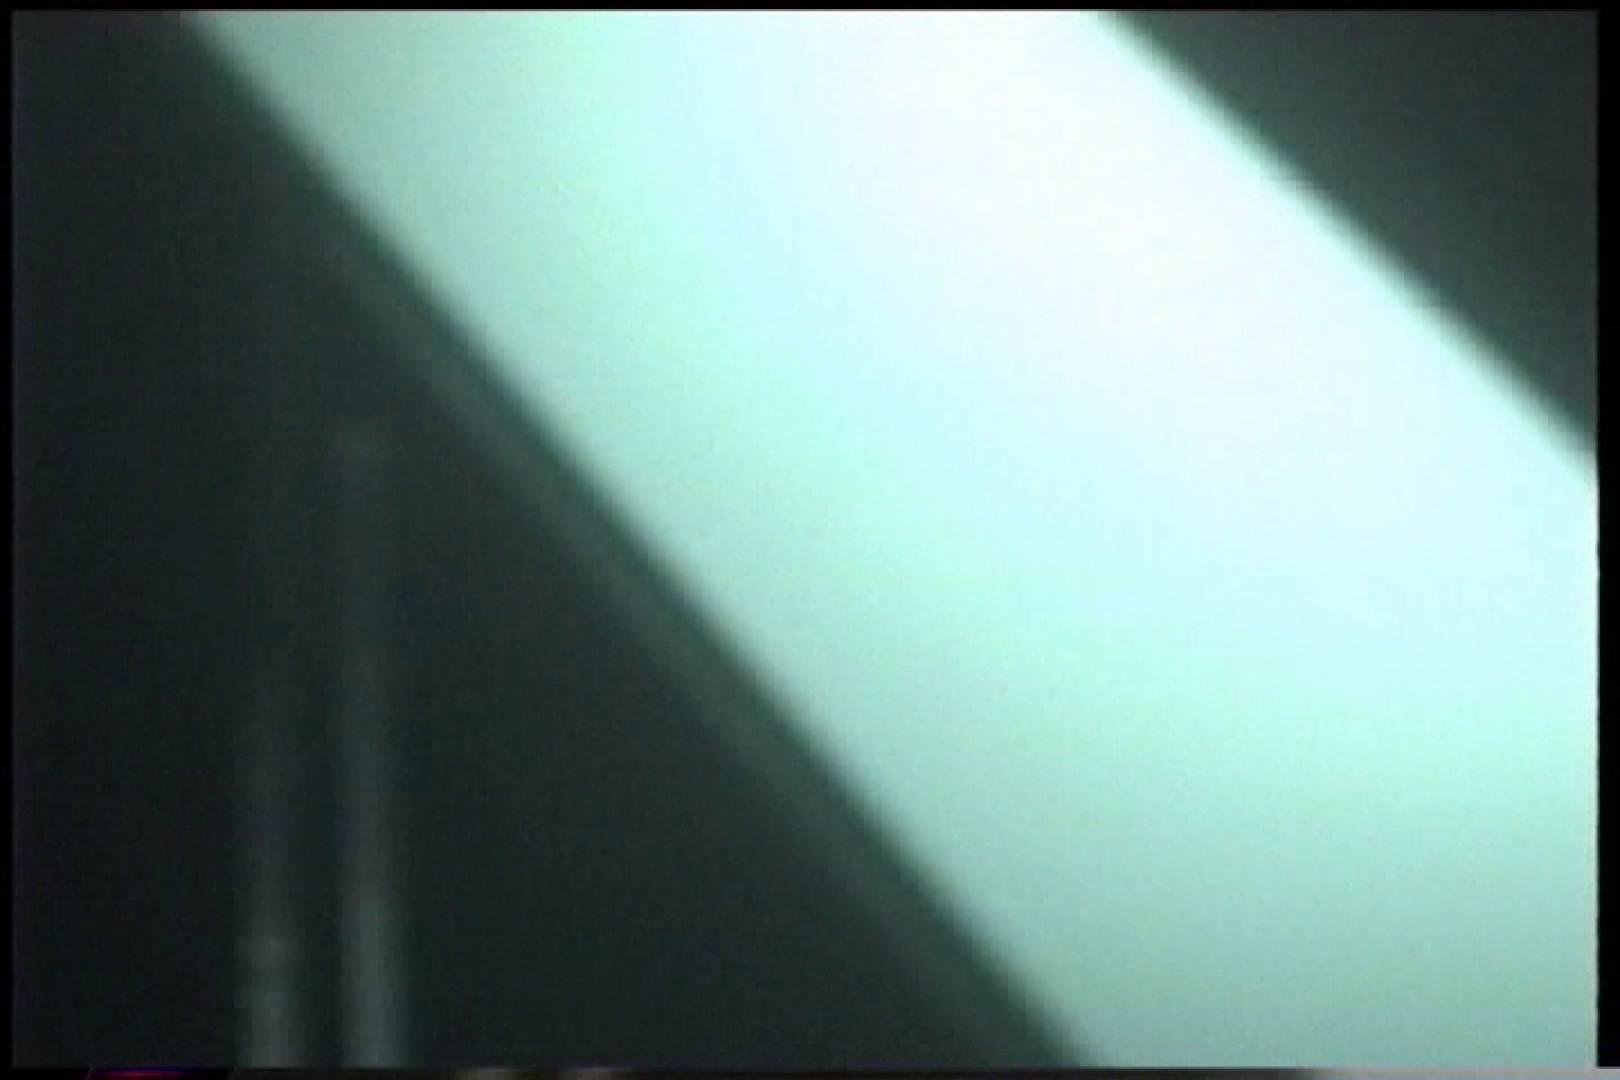 充血監督の深夜の運動会Vol.189 OLセックス   おまんこ無修正  101画像 43